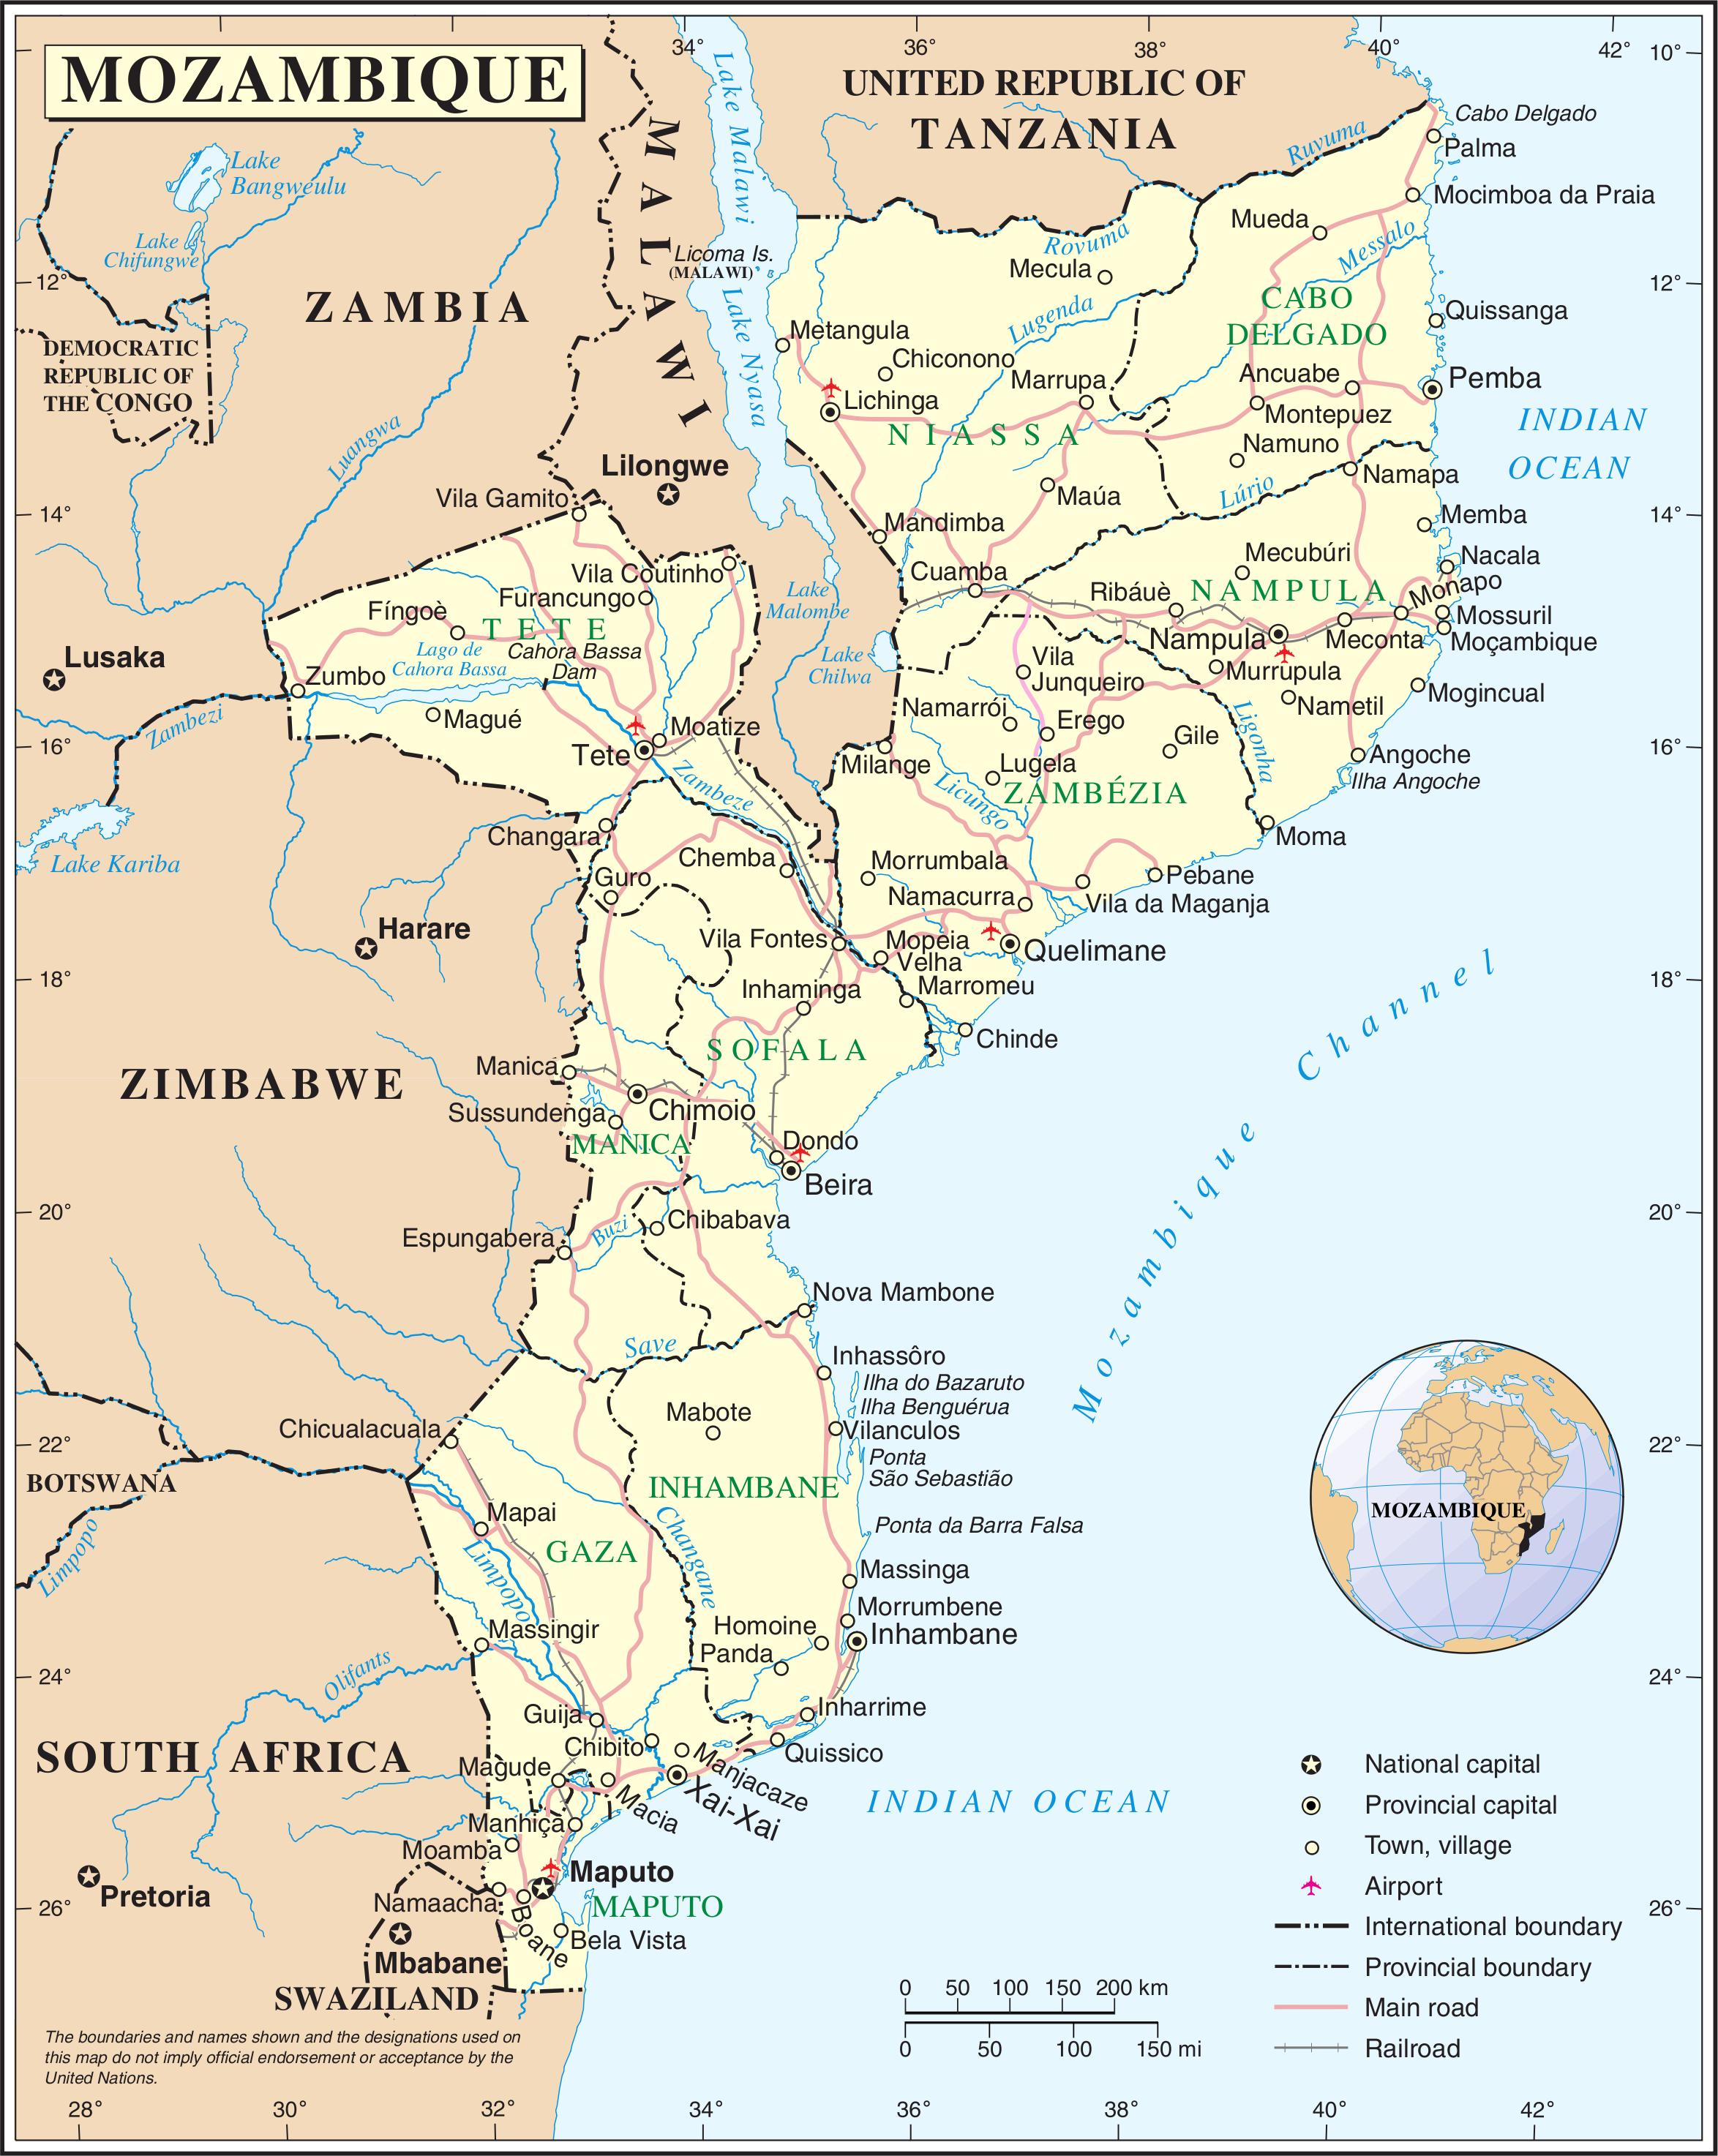 FileUnmozambiquepng Wikimedia Commons